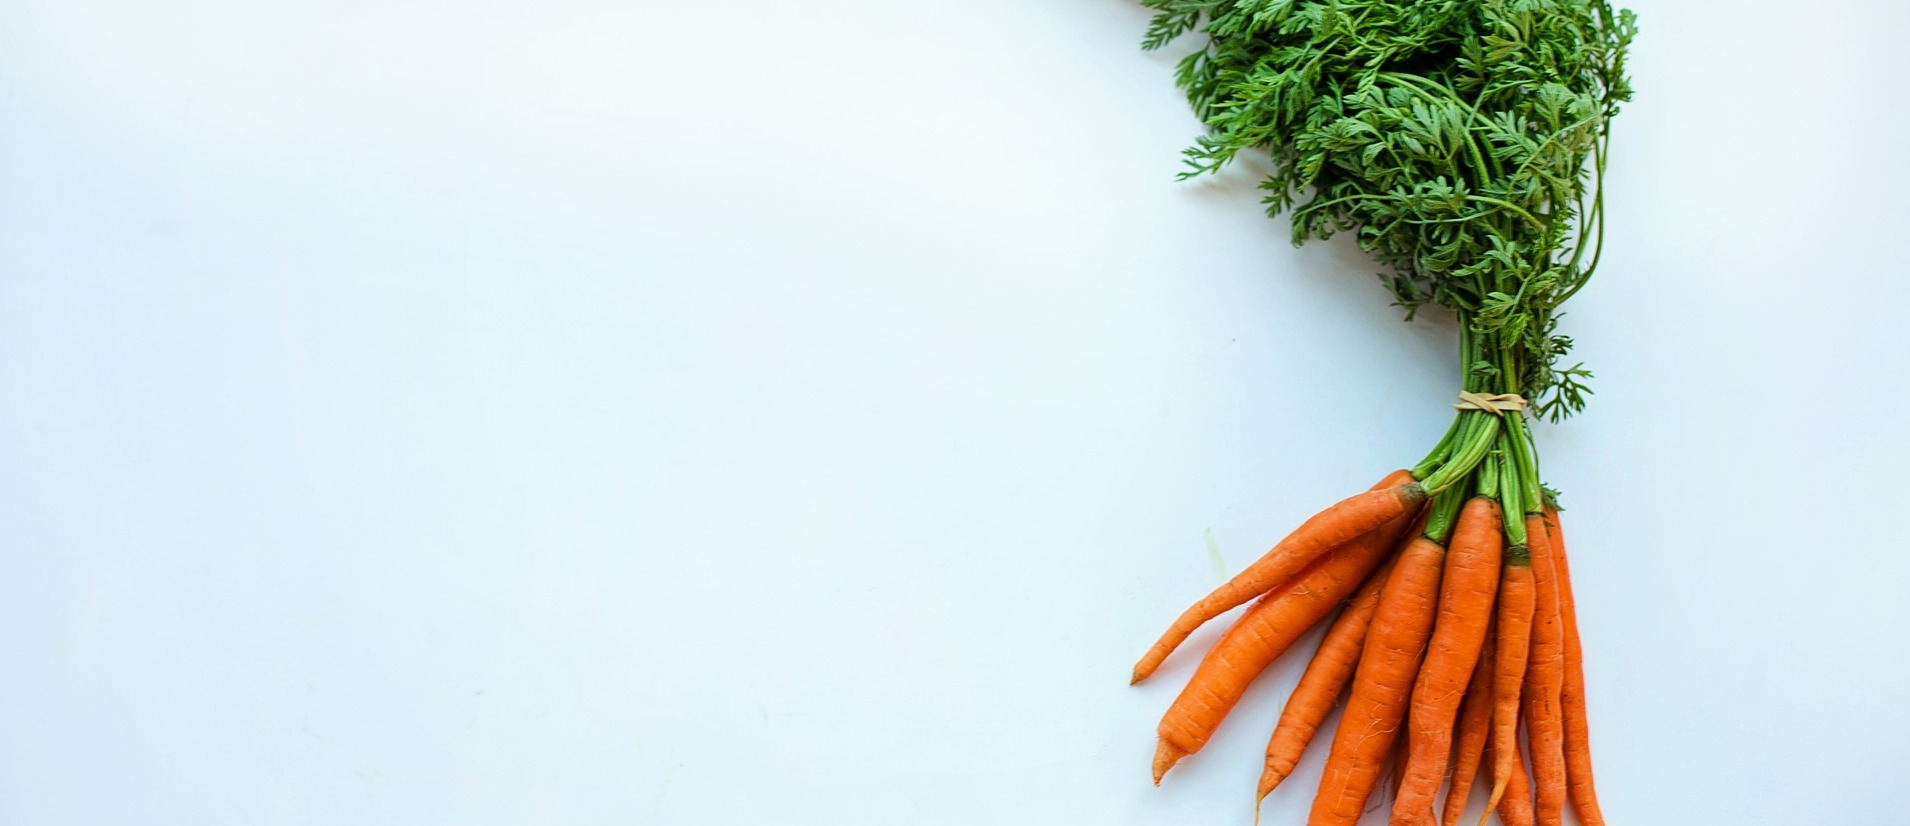 ¿Qué sabemos sobre la app Yuka y los criterios que utiliza para puntuar los alimentos?